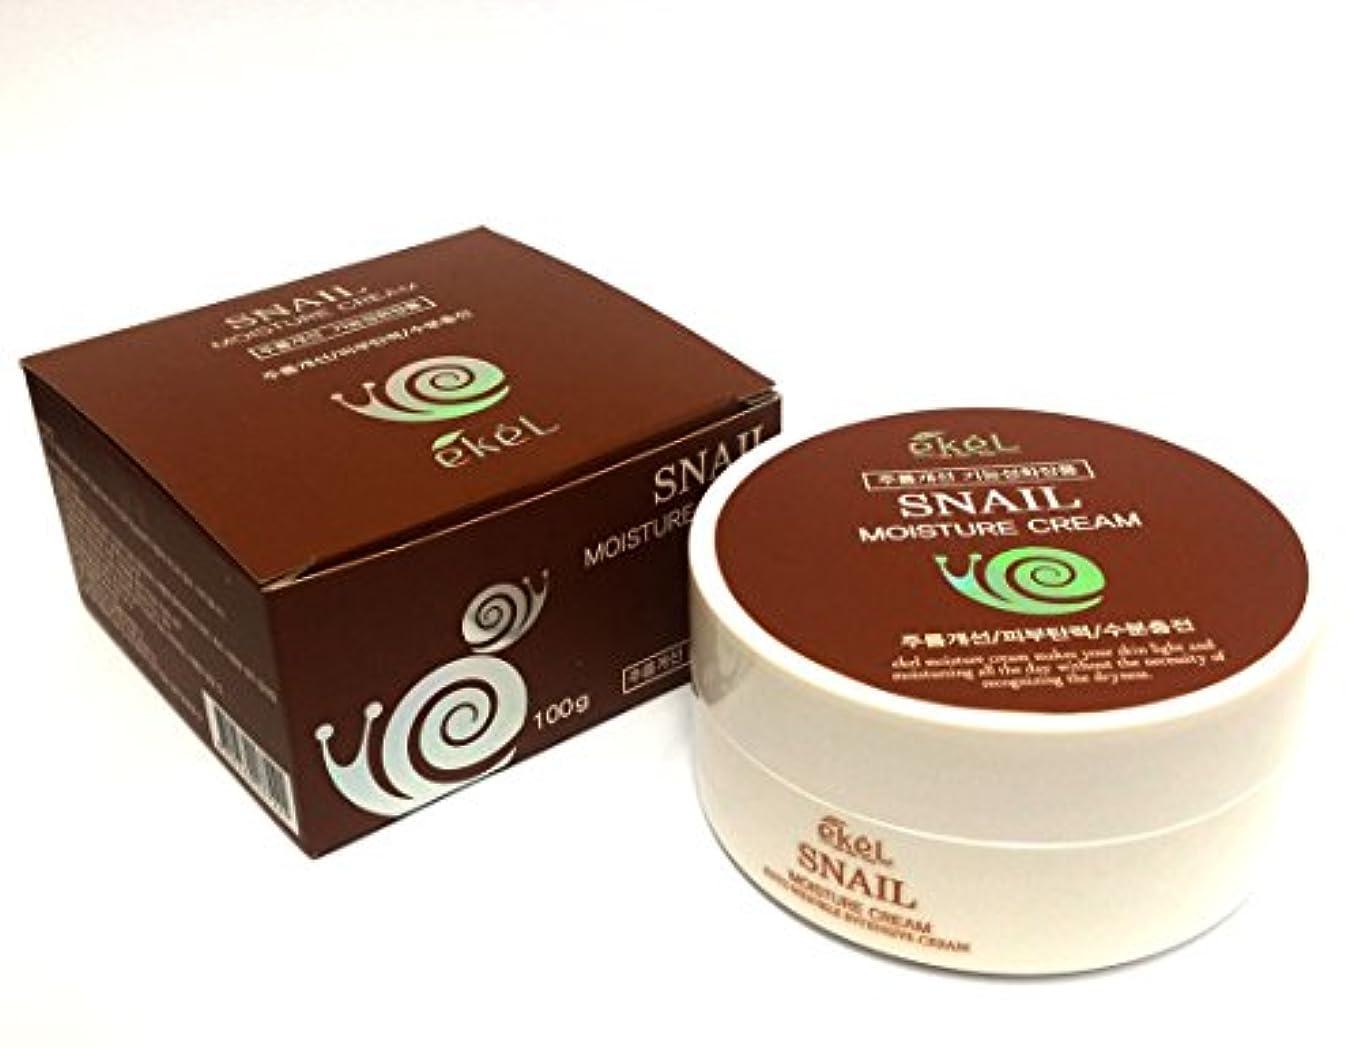 ブランチコットンカウンタ[ekel] スネイルモイスチャークリーム100g / Snail Moisture Cream 100g /しわ?弾力?保湿 / Wrinkle, elasticity, Moisturizing / 韓国化粧品 /...